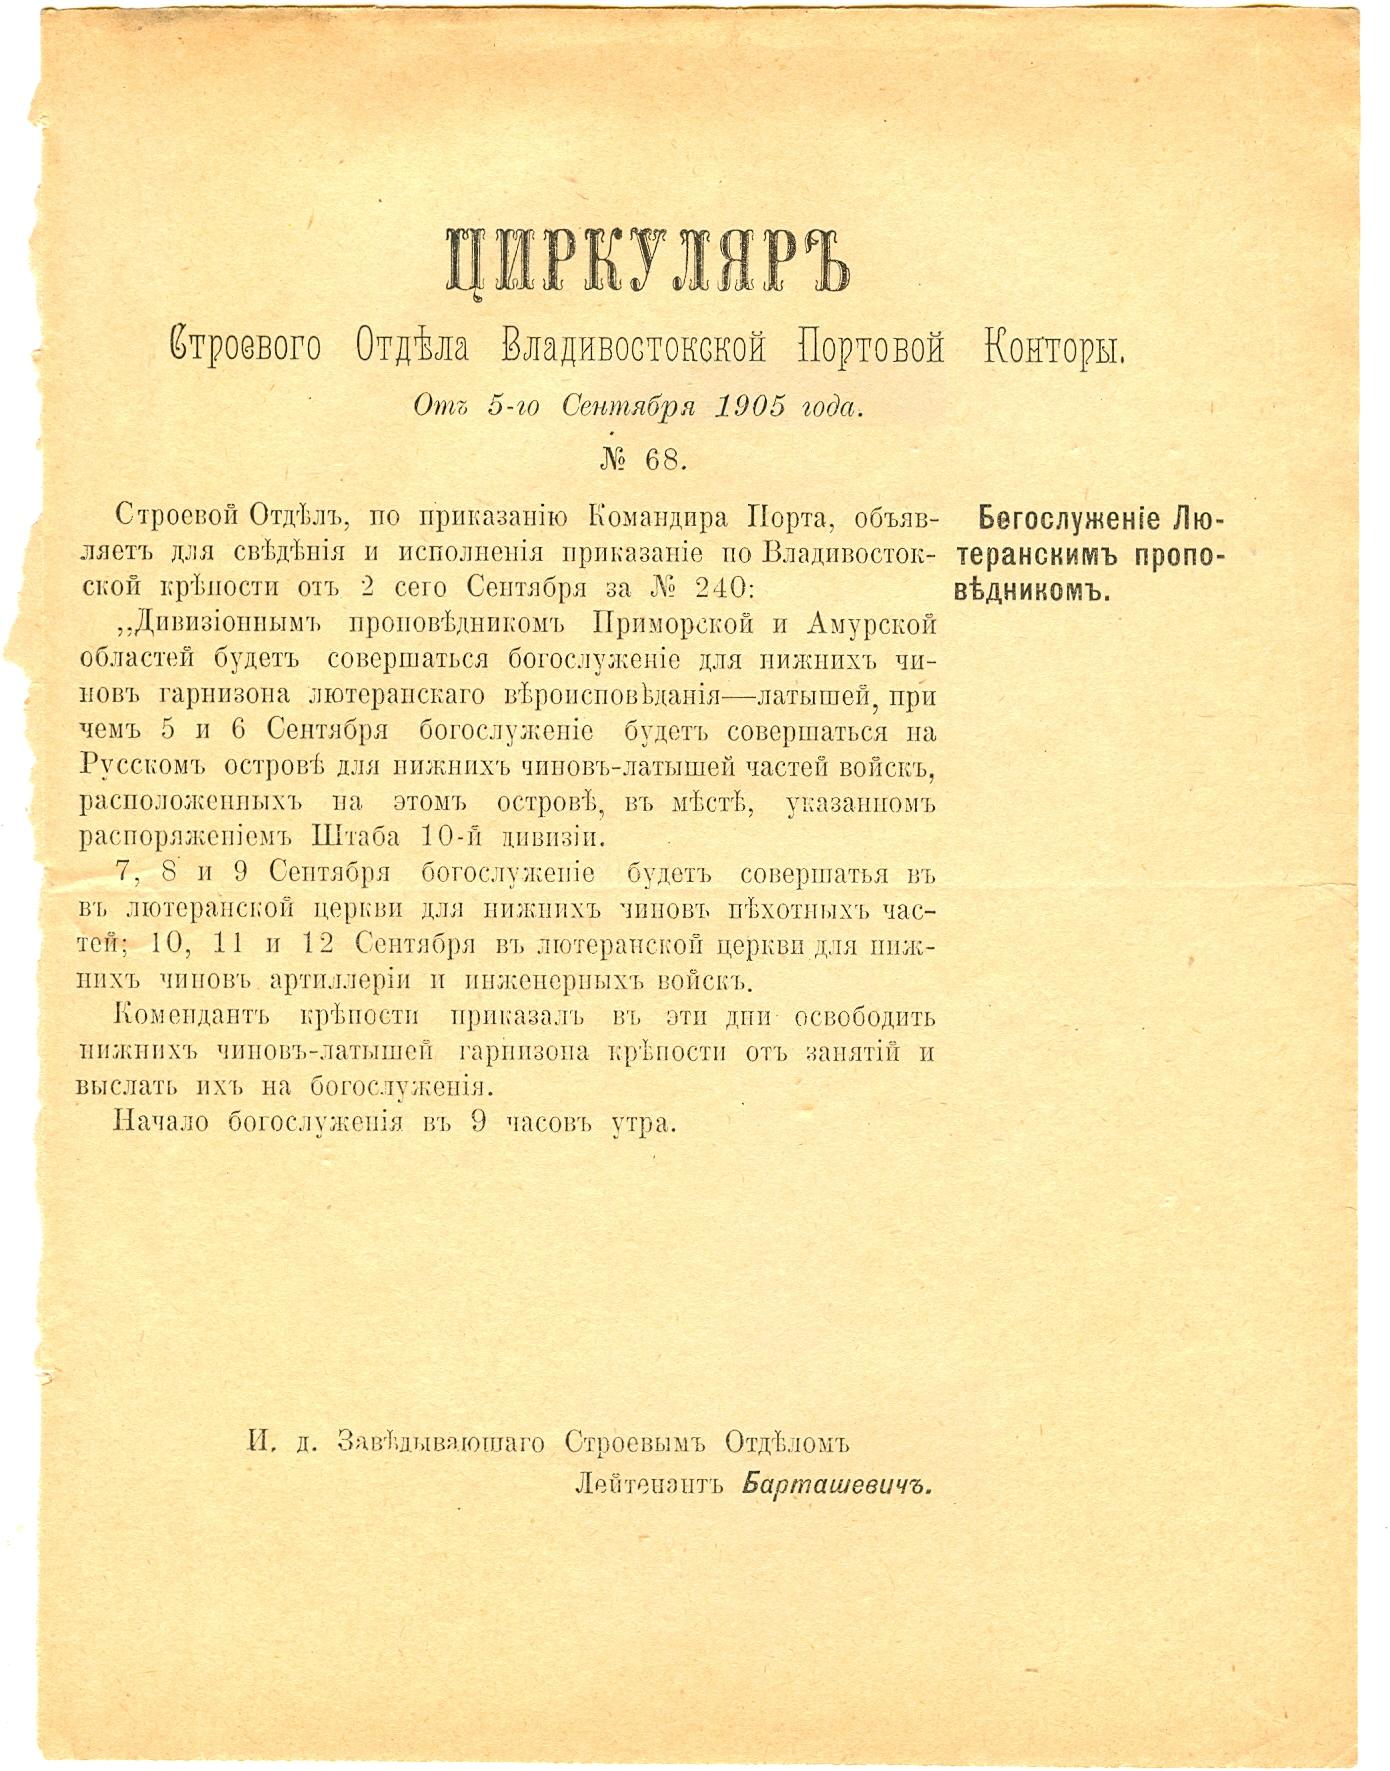 Циркуляр Строевого Отдела Владивостокской Портовой Конторы № 68